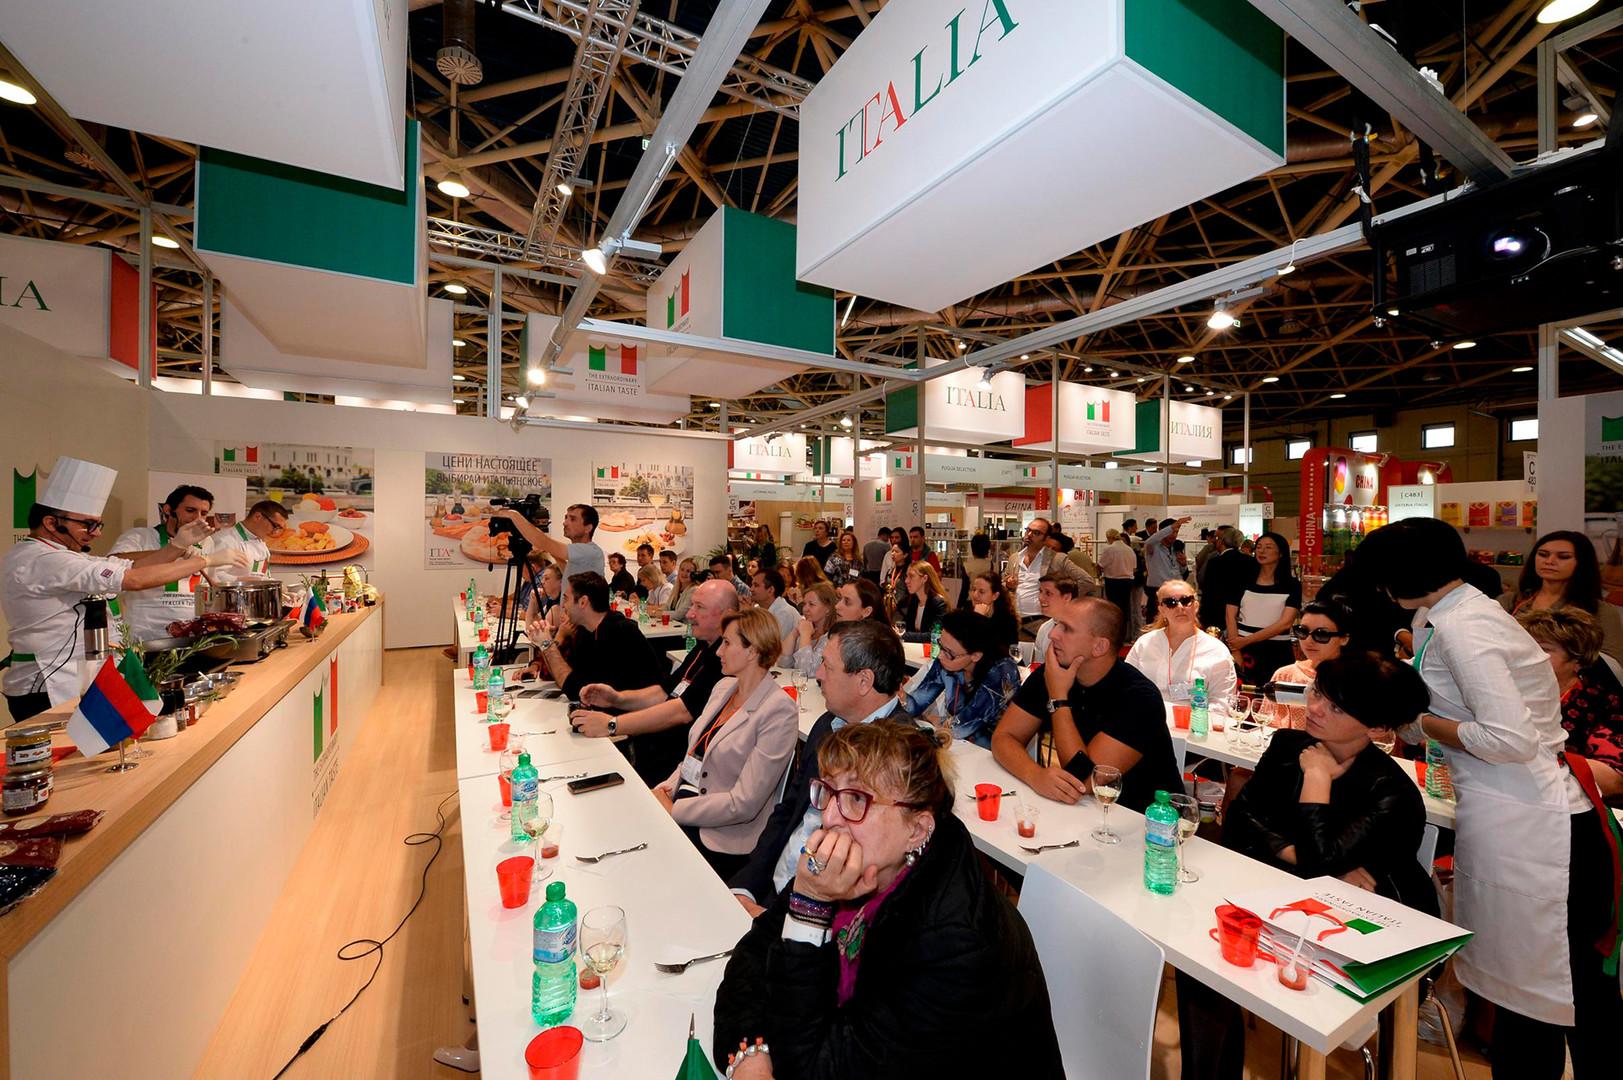 Masterclass culinaria nel padiglione italiano della fiera